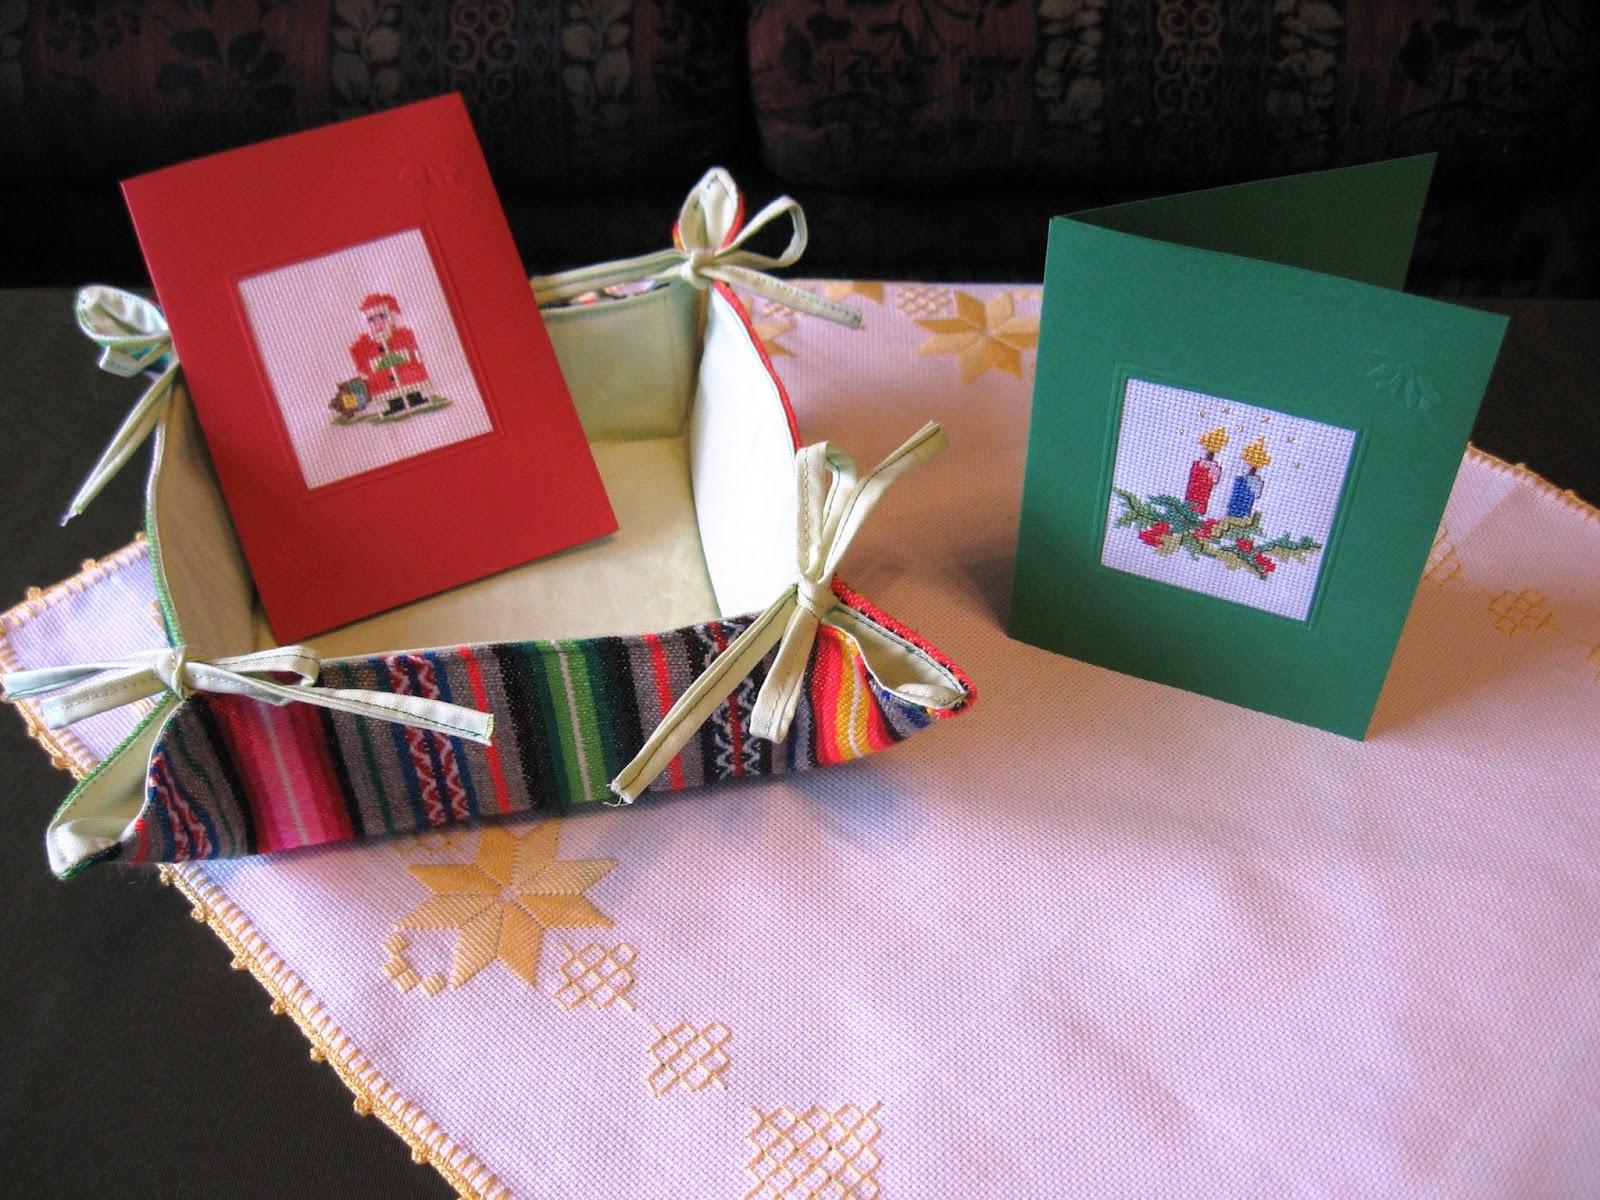 Hecho a mano articulos hechos a mano para el hogar - Centros de mesa navidenos hechos a mano ...